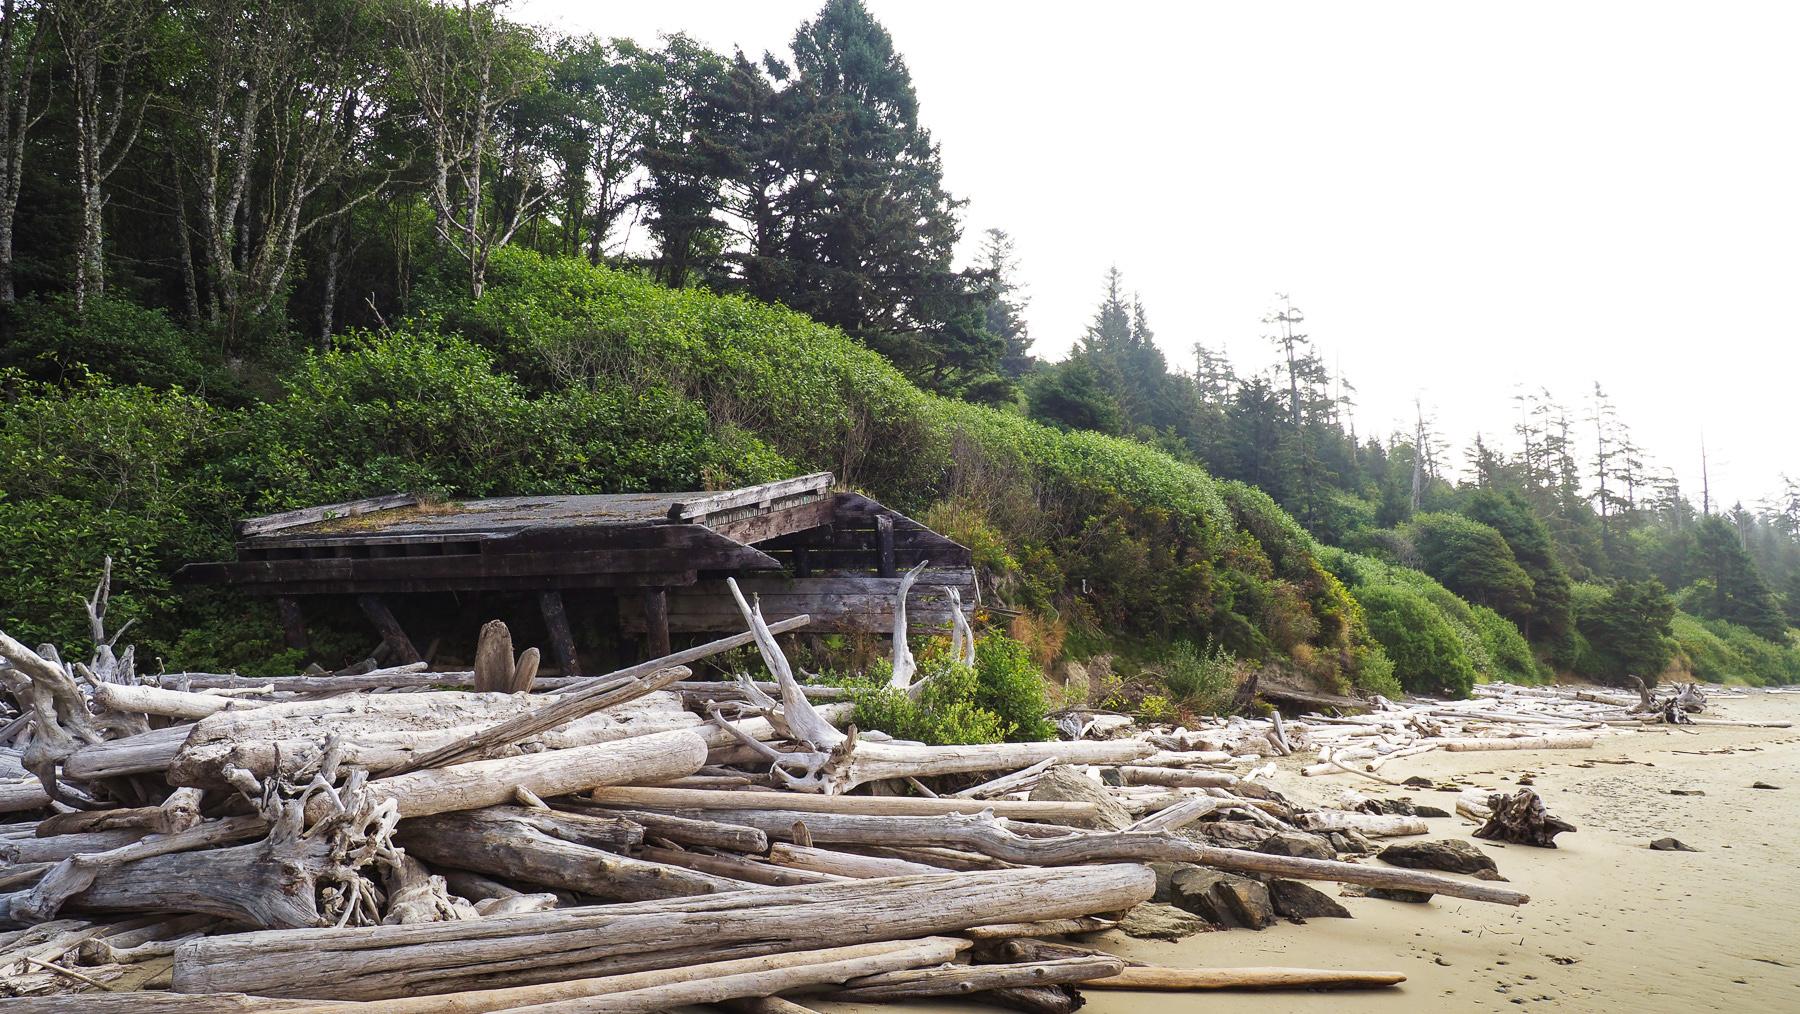 viel angeschwemmtes, ausgebleichtes Holz an den Stränden